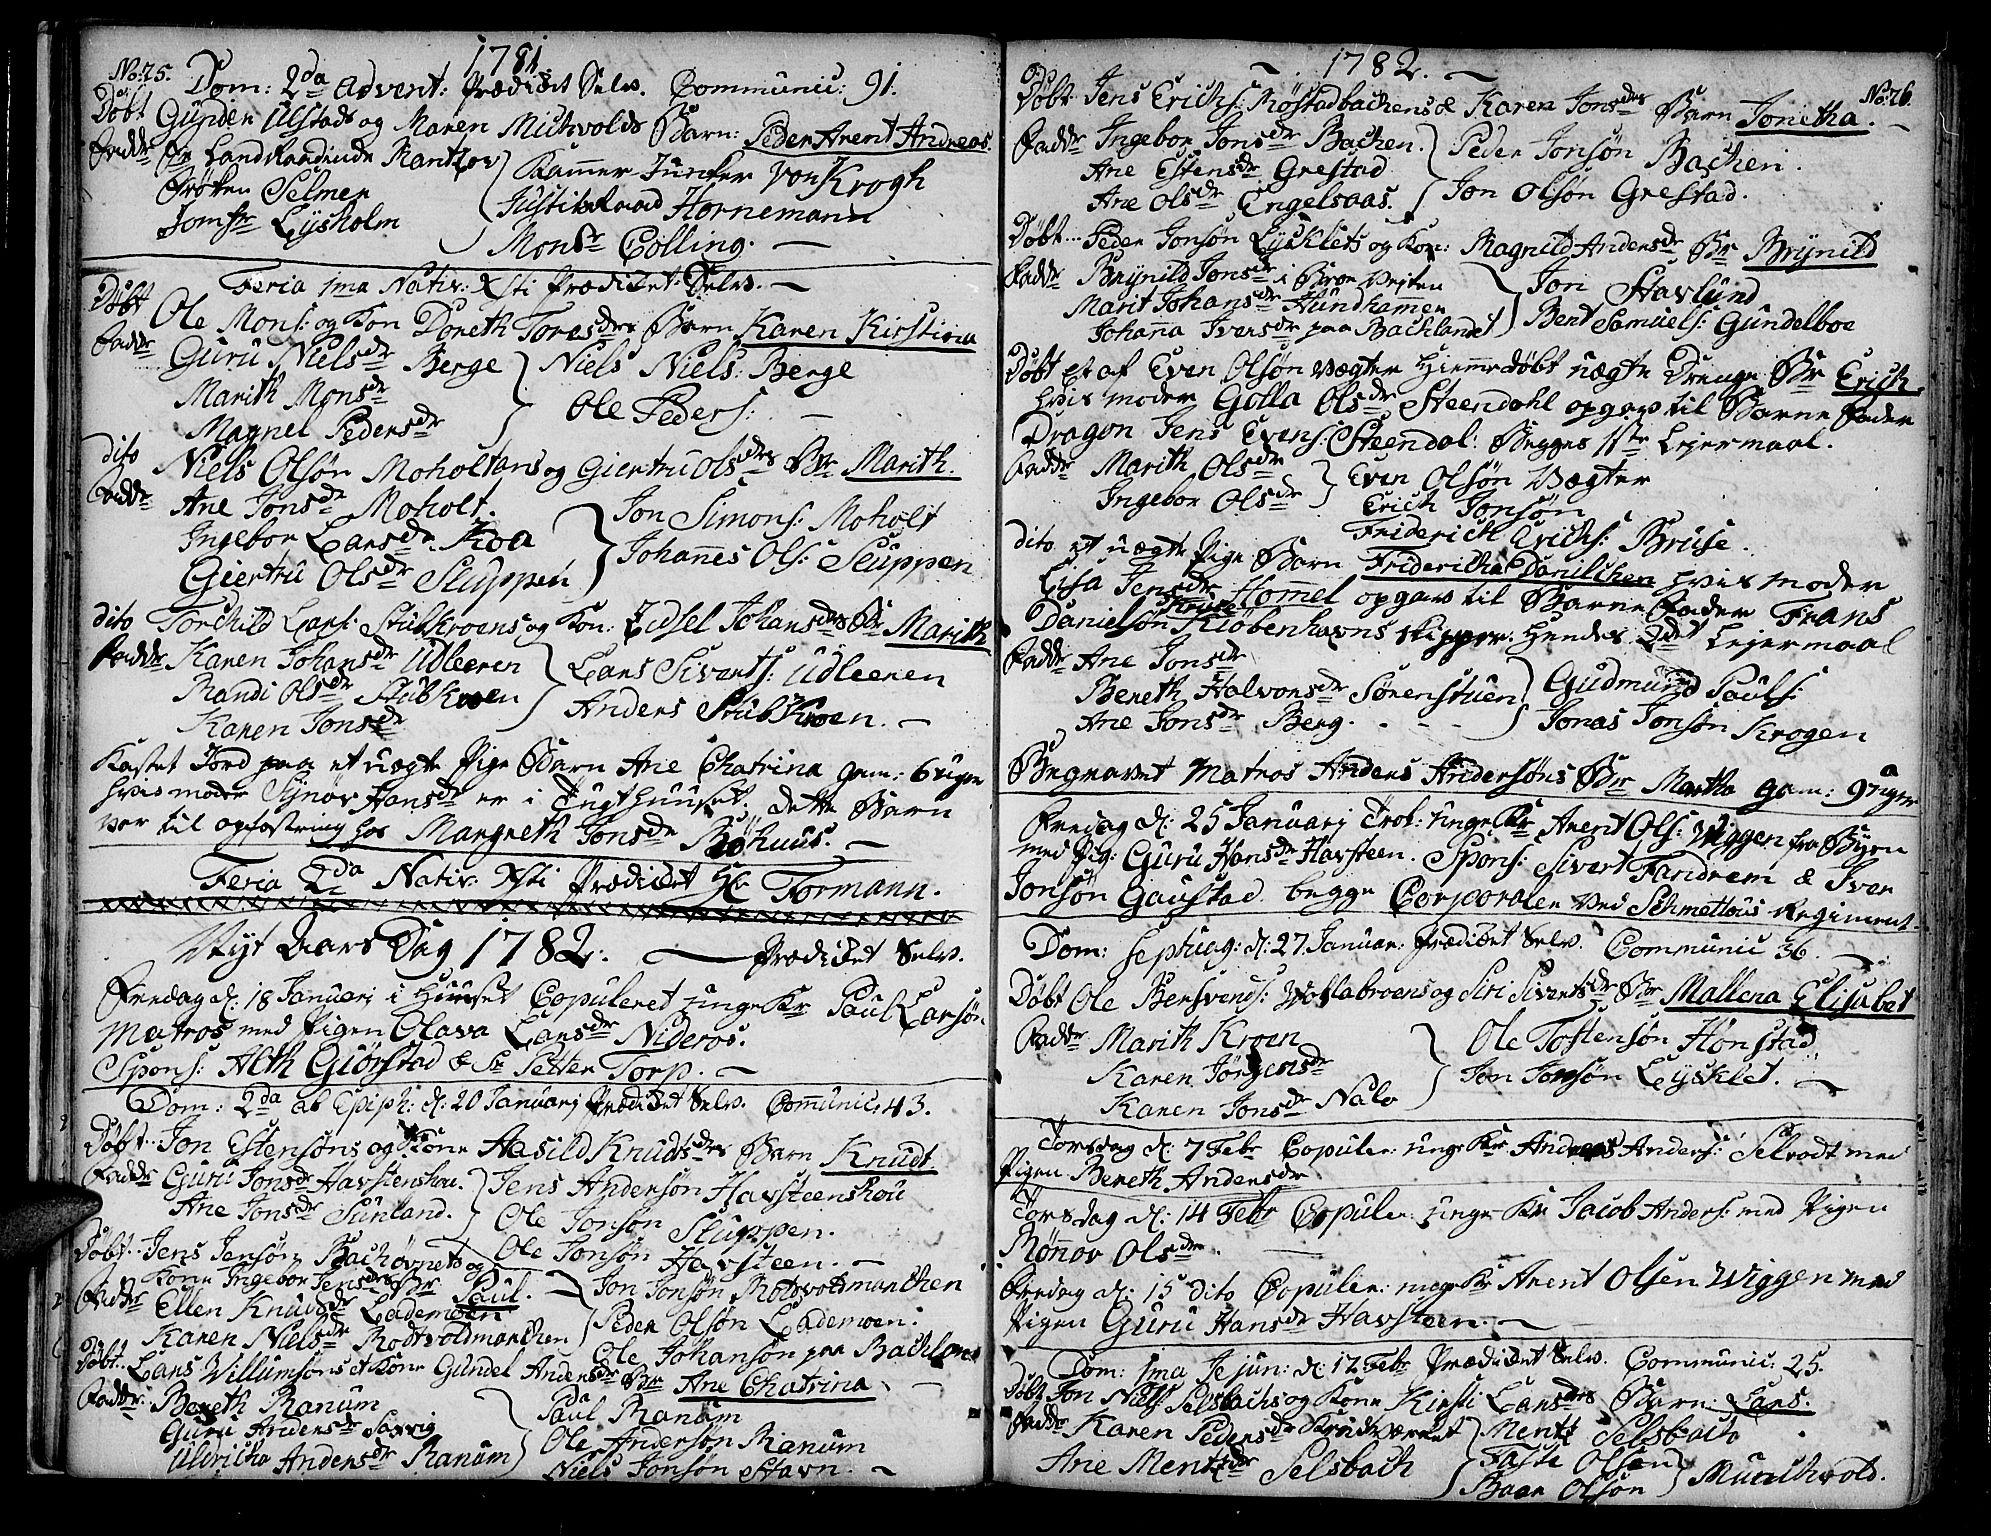 SAT, Ministerialprotokoller, klokkerbøker og fødselsregistre - Sør-Trøndelag, 604/L0180: Ministerialbok nr. 604A01, 1780-1797, s. 25-26